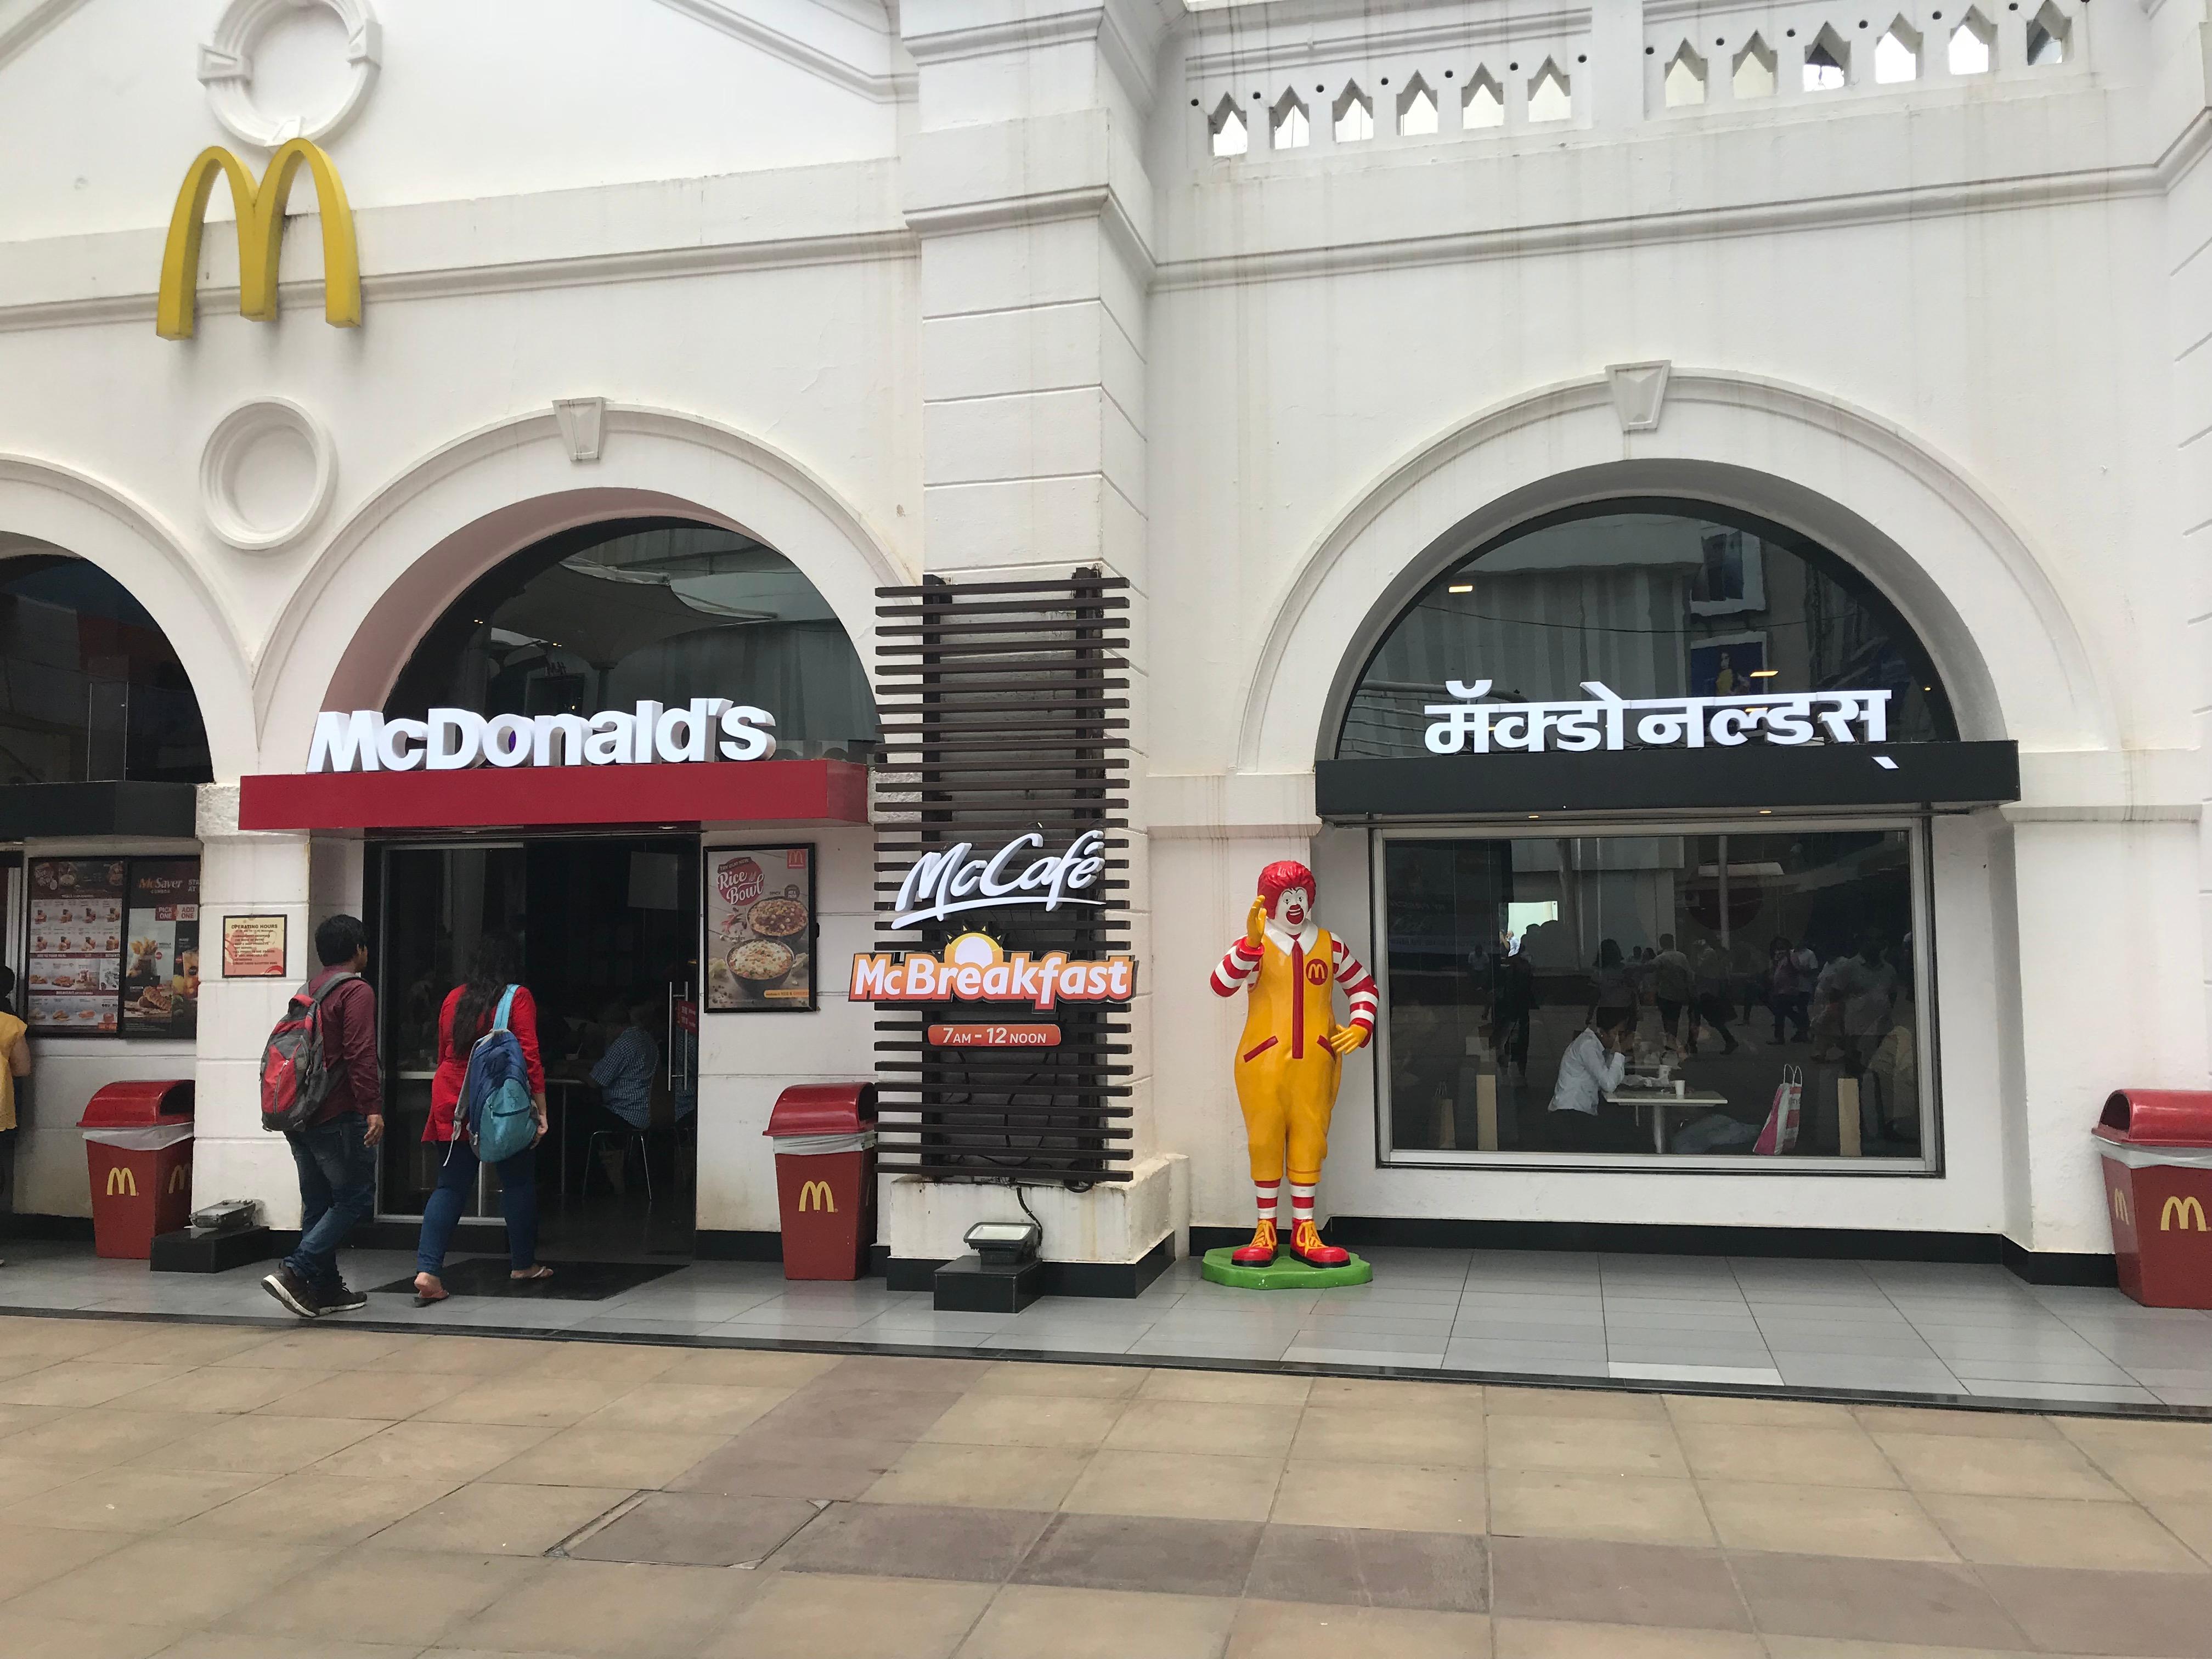 인도 맥도날드에서는 무엇을 팔까?